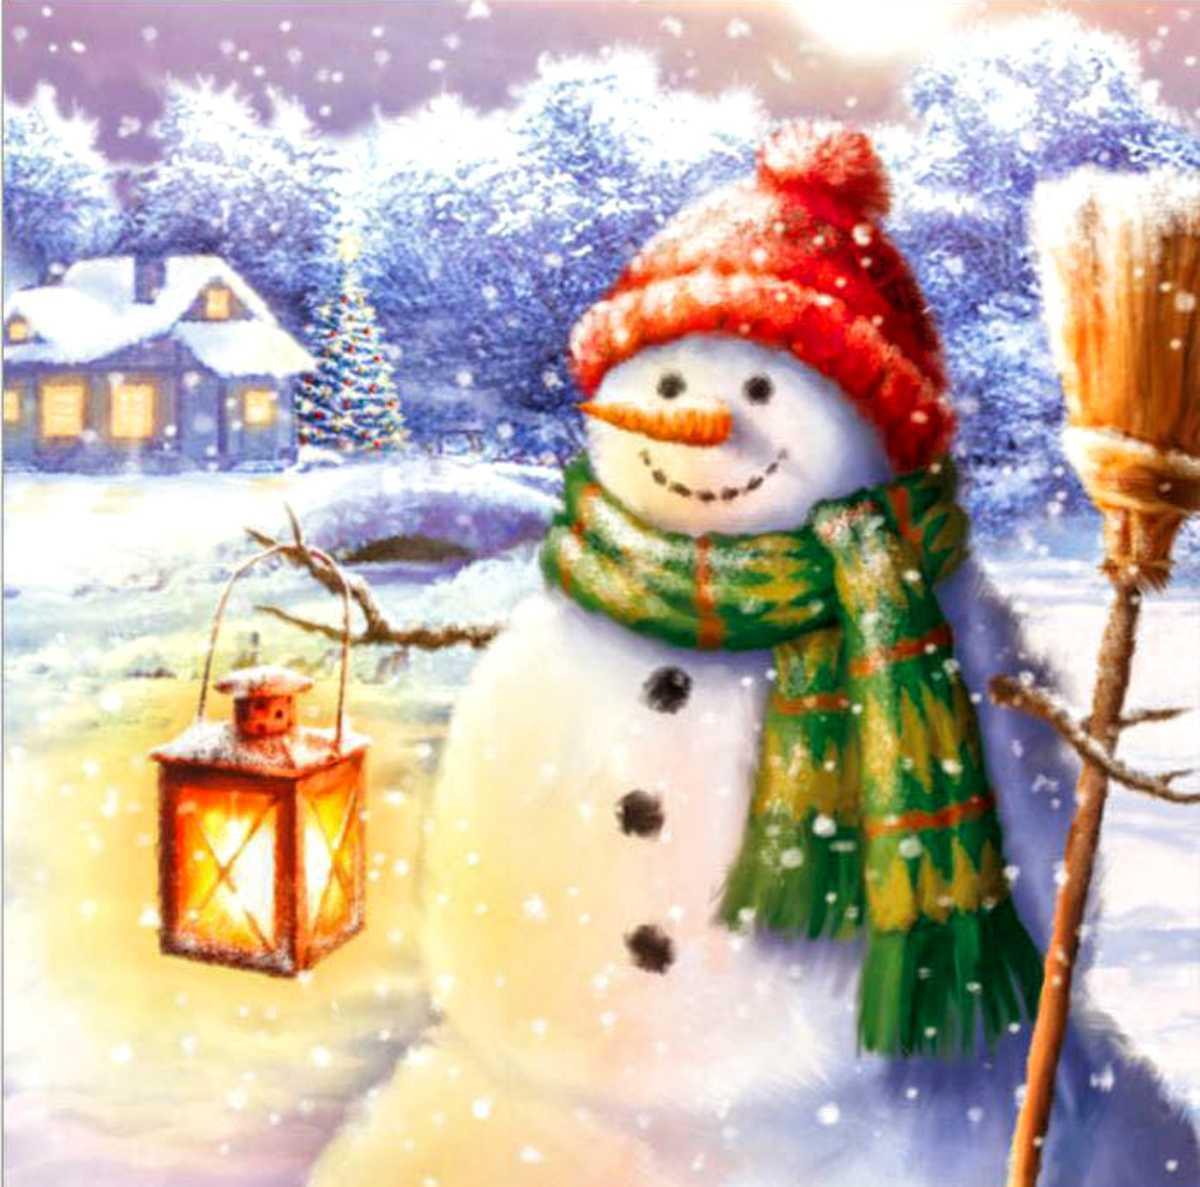 ダイヤモンドアート クリスマス スノーマン 初心者 ダイアモンドペインティング ビーズ刺繍キット クロスステッチ